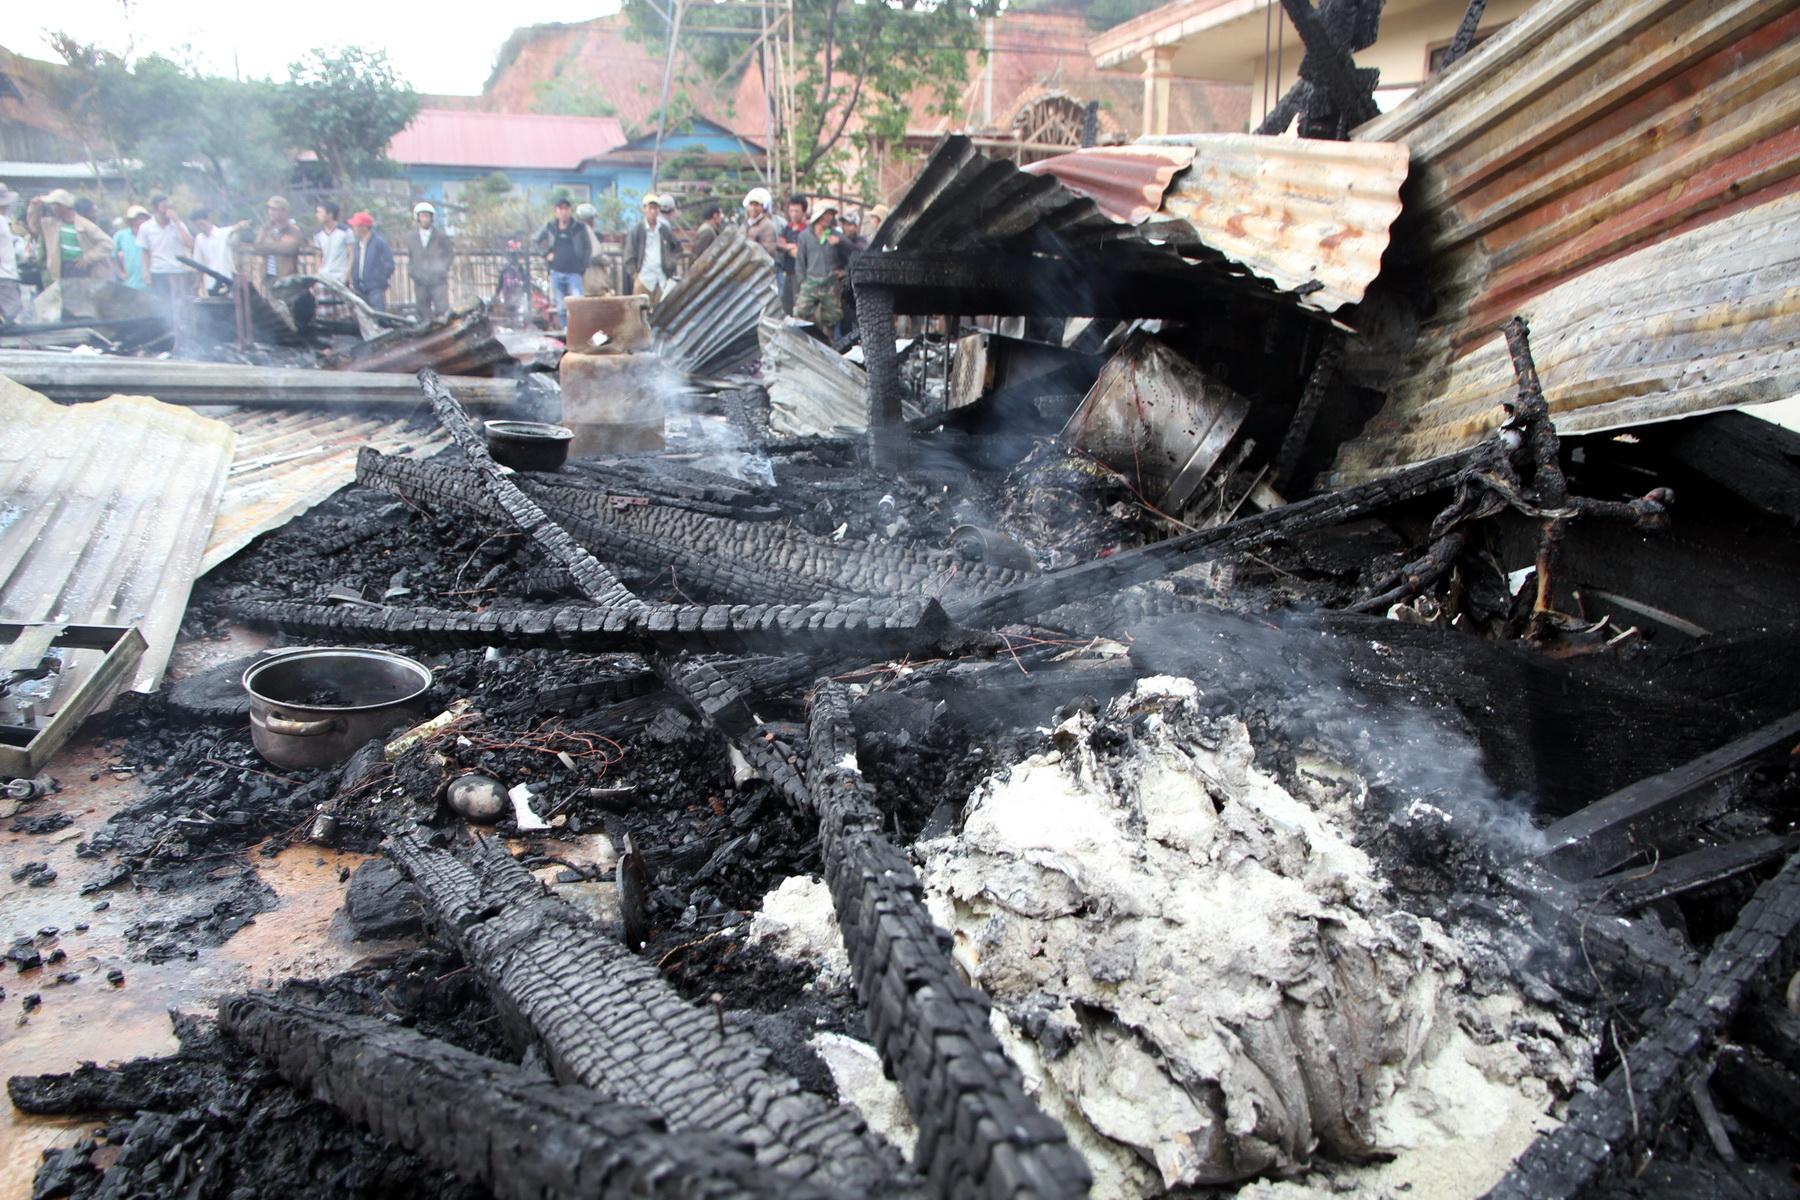 Ngôi nhà được làm bằng gỗ nên không thể khống chế nổi ngọn lửa